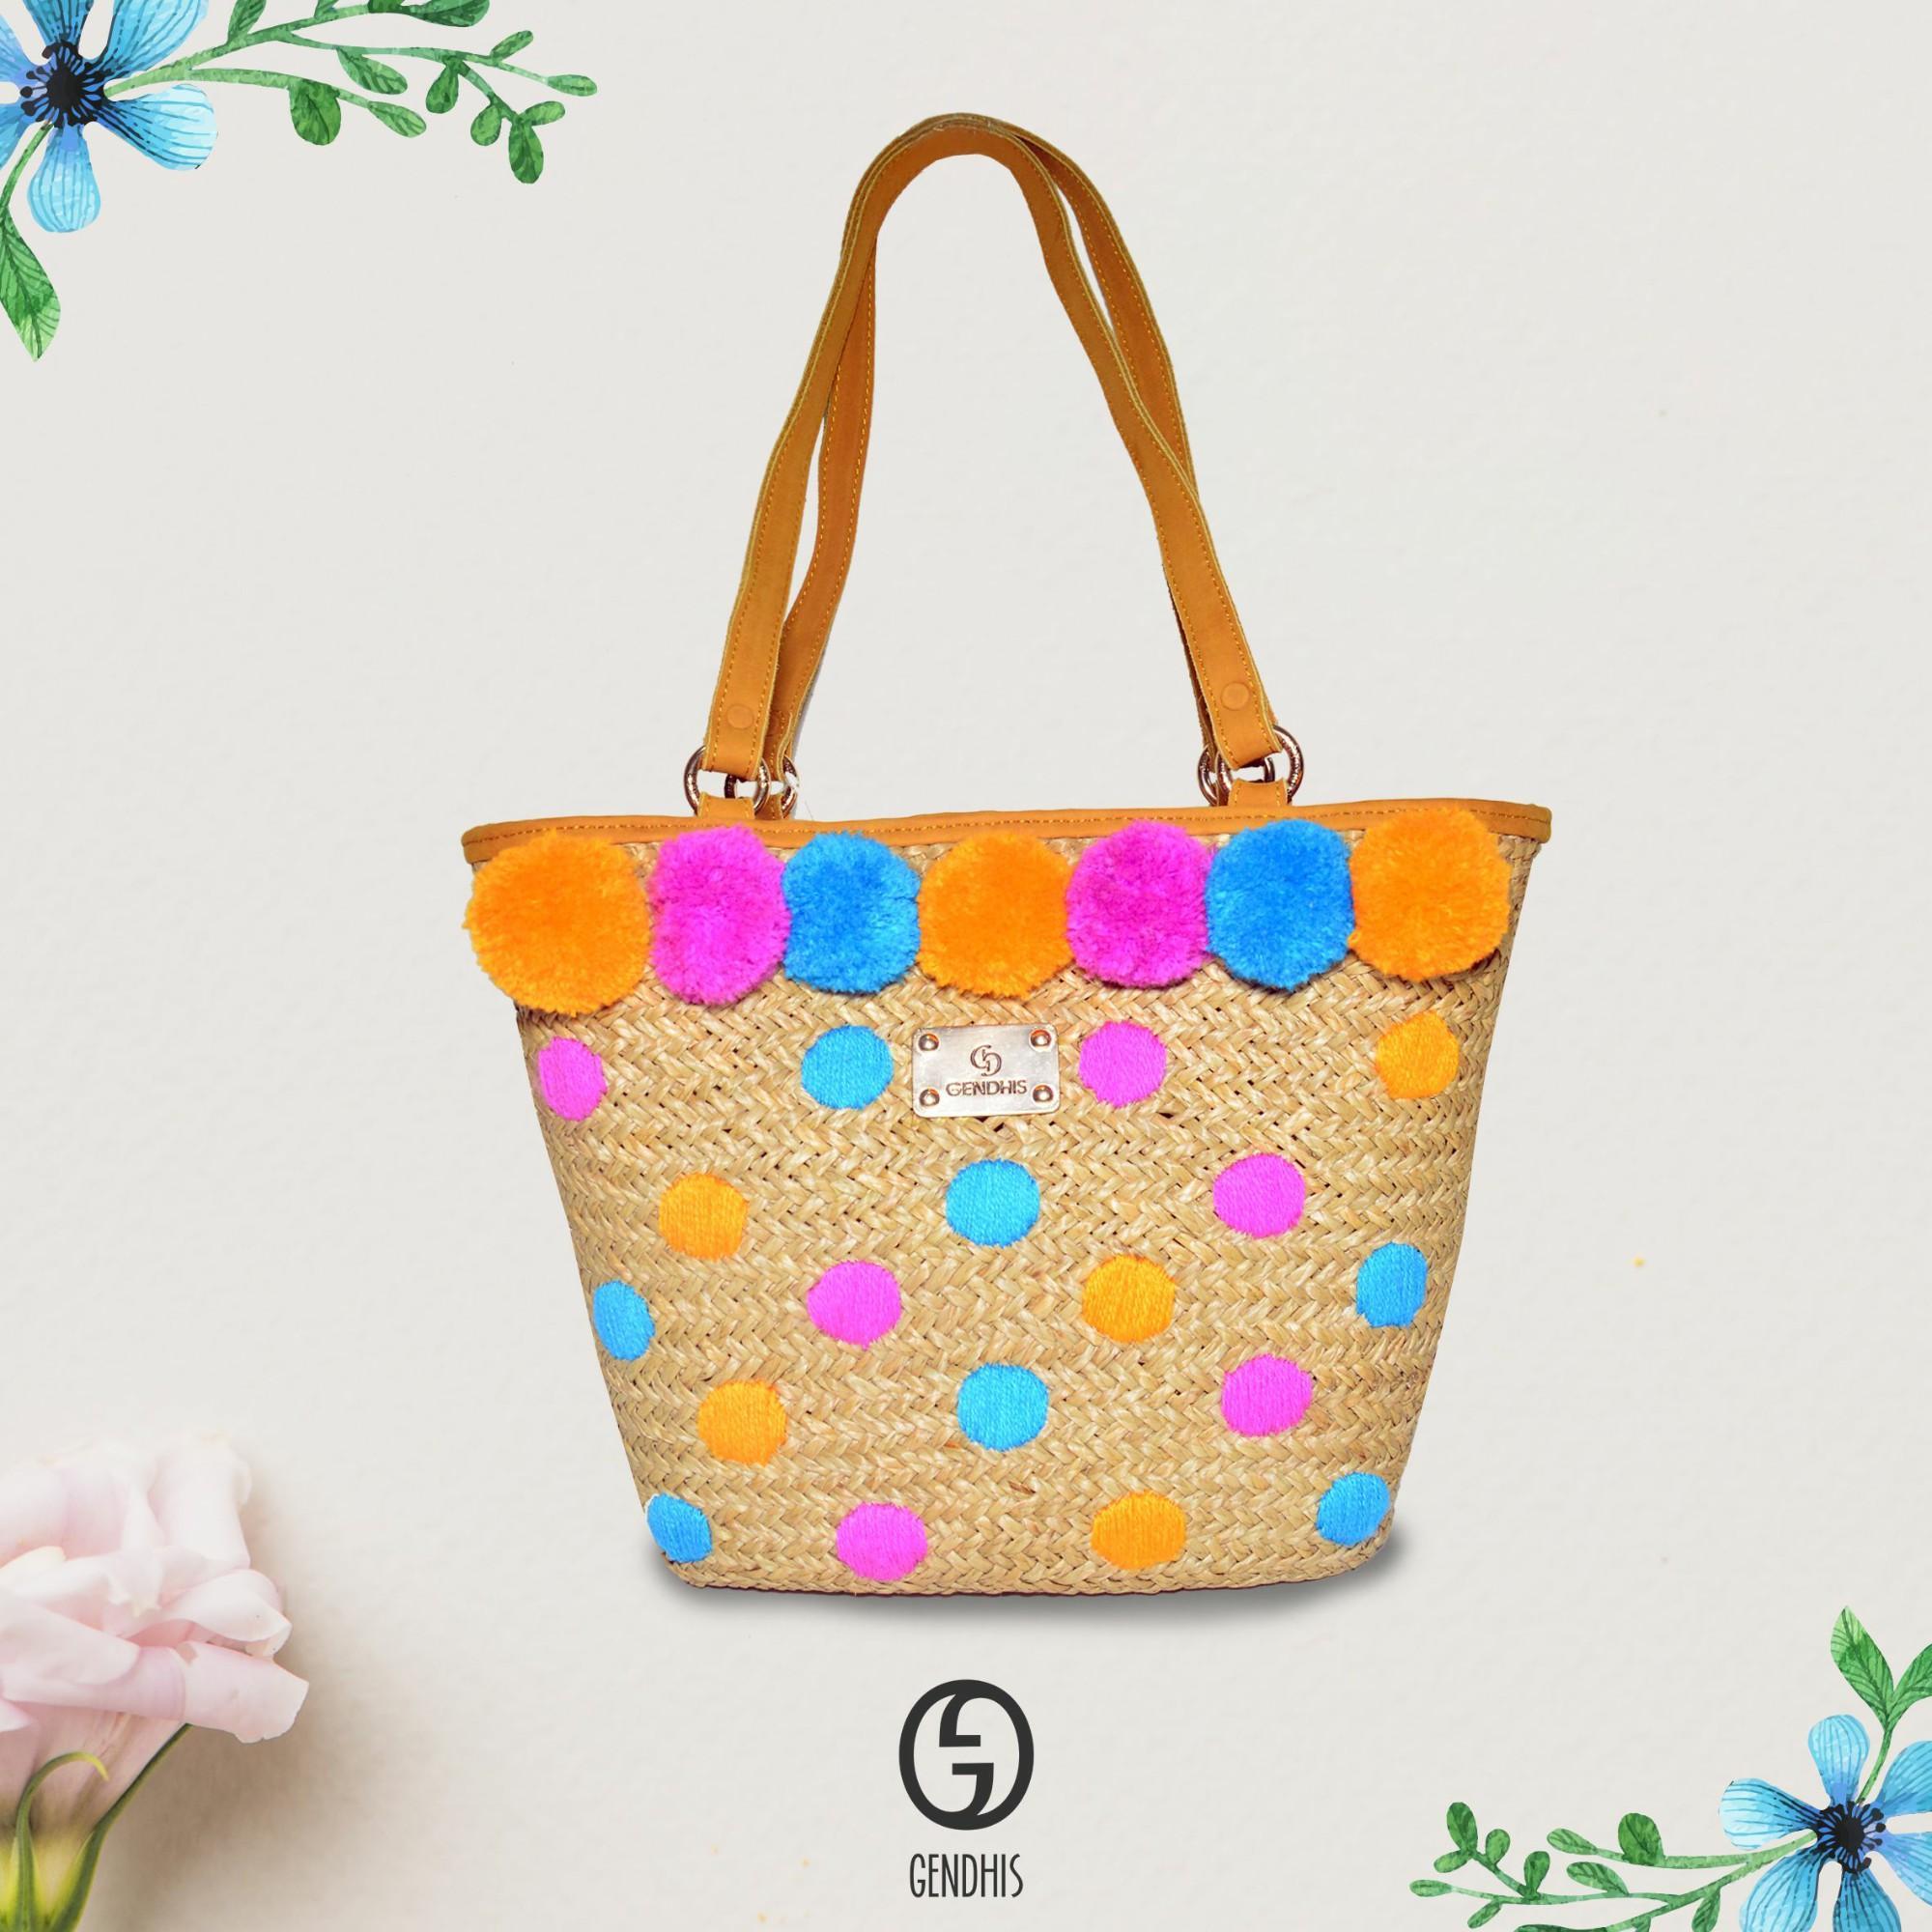 Tas Wanita Murah / Tote Bag / Tote Bag Wanita / Tas Tote Bag Watanda Orange GENDHIS original Tote Bag Tas Anyam Jogja